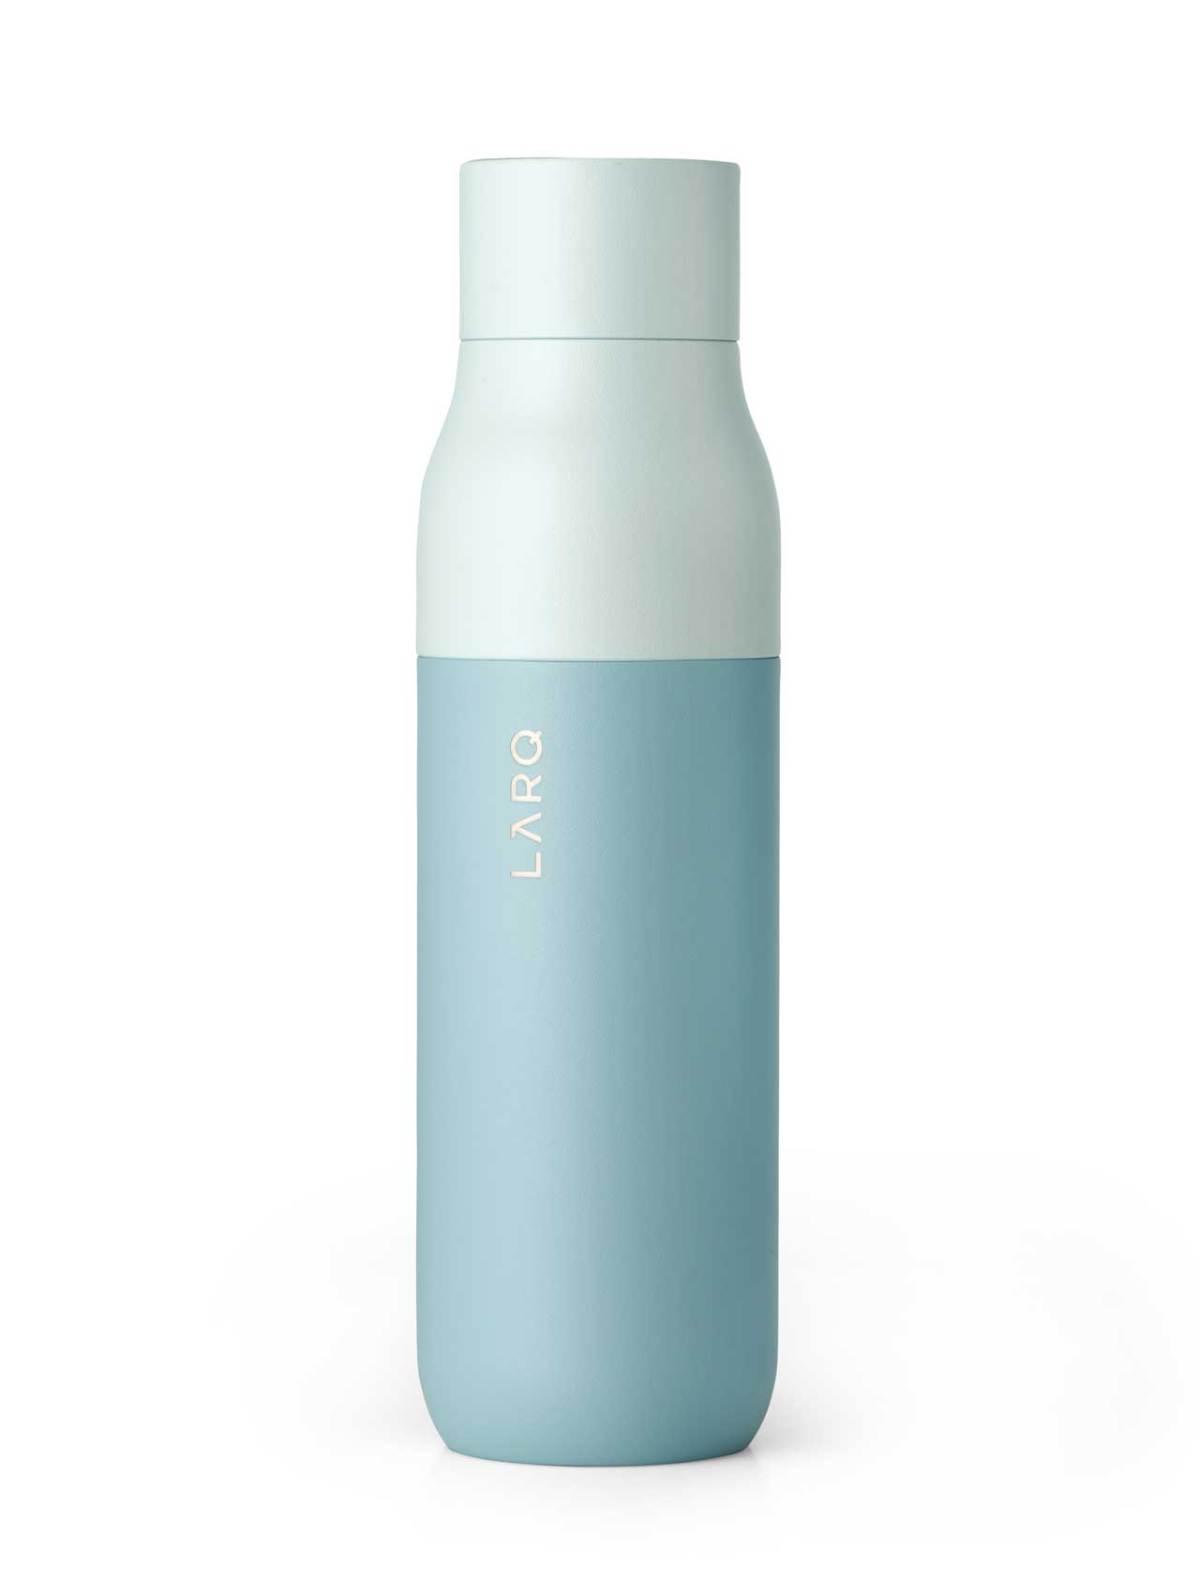 LARQ-Bottle-self-cleaning-water-bottle-20